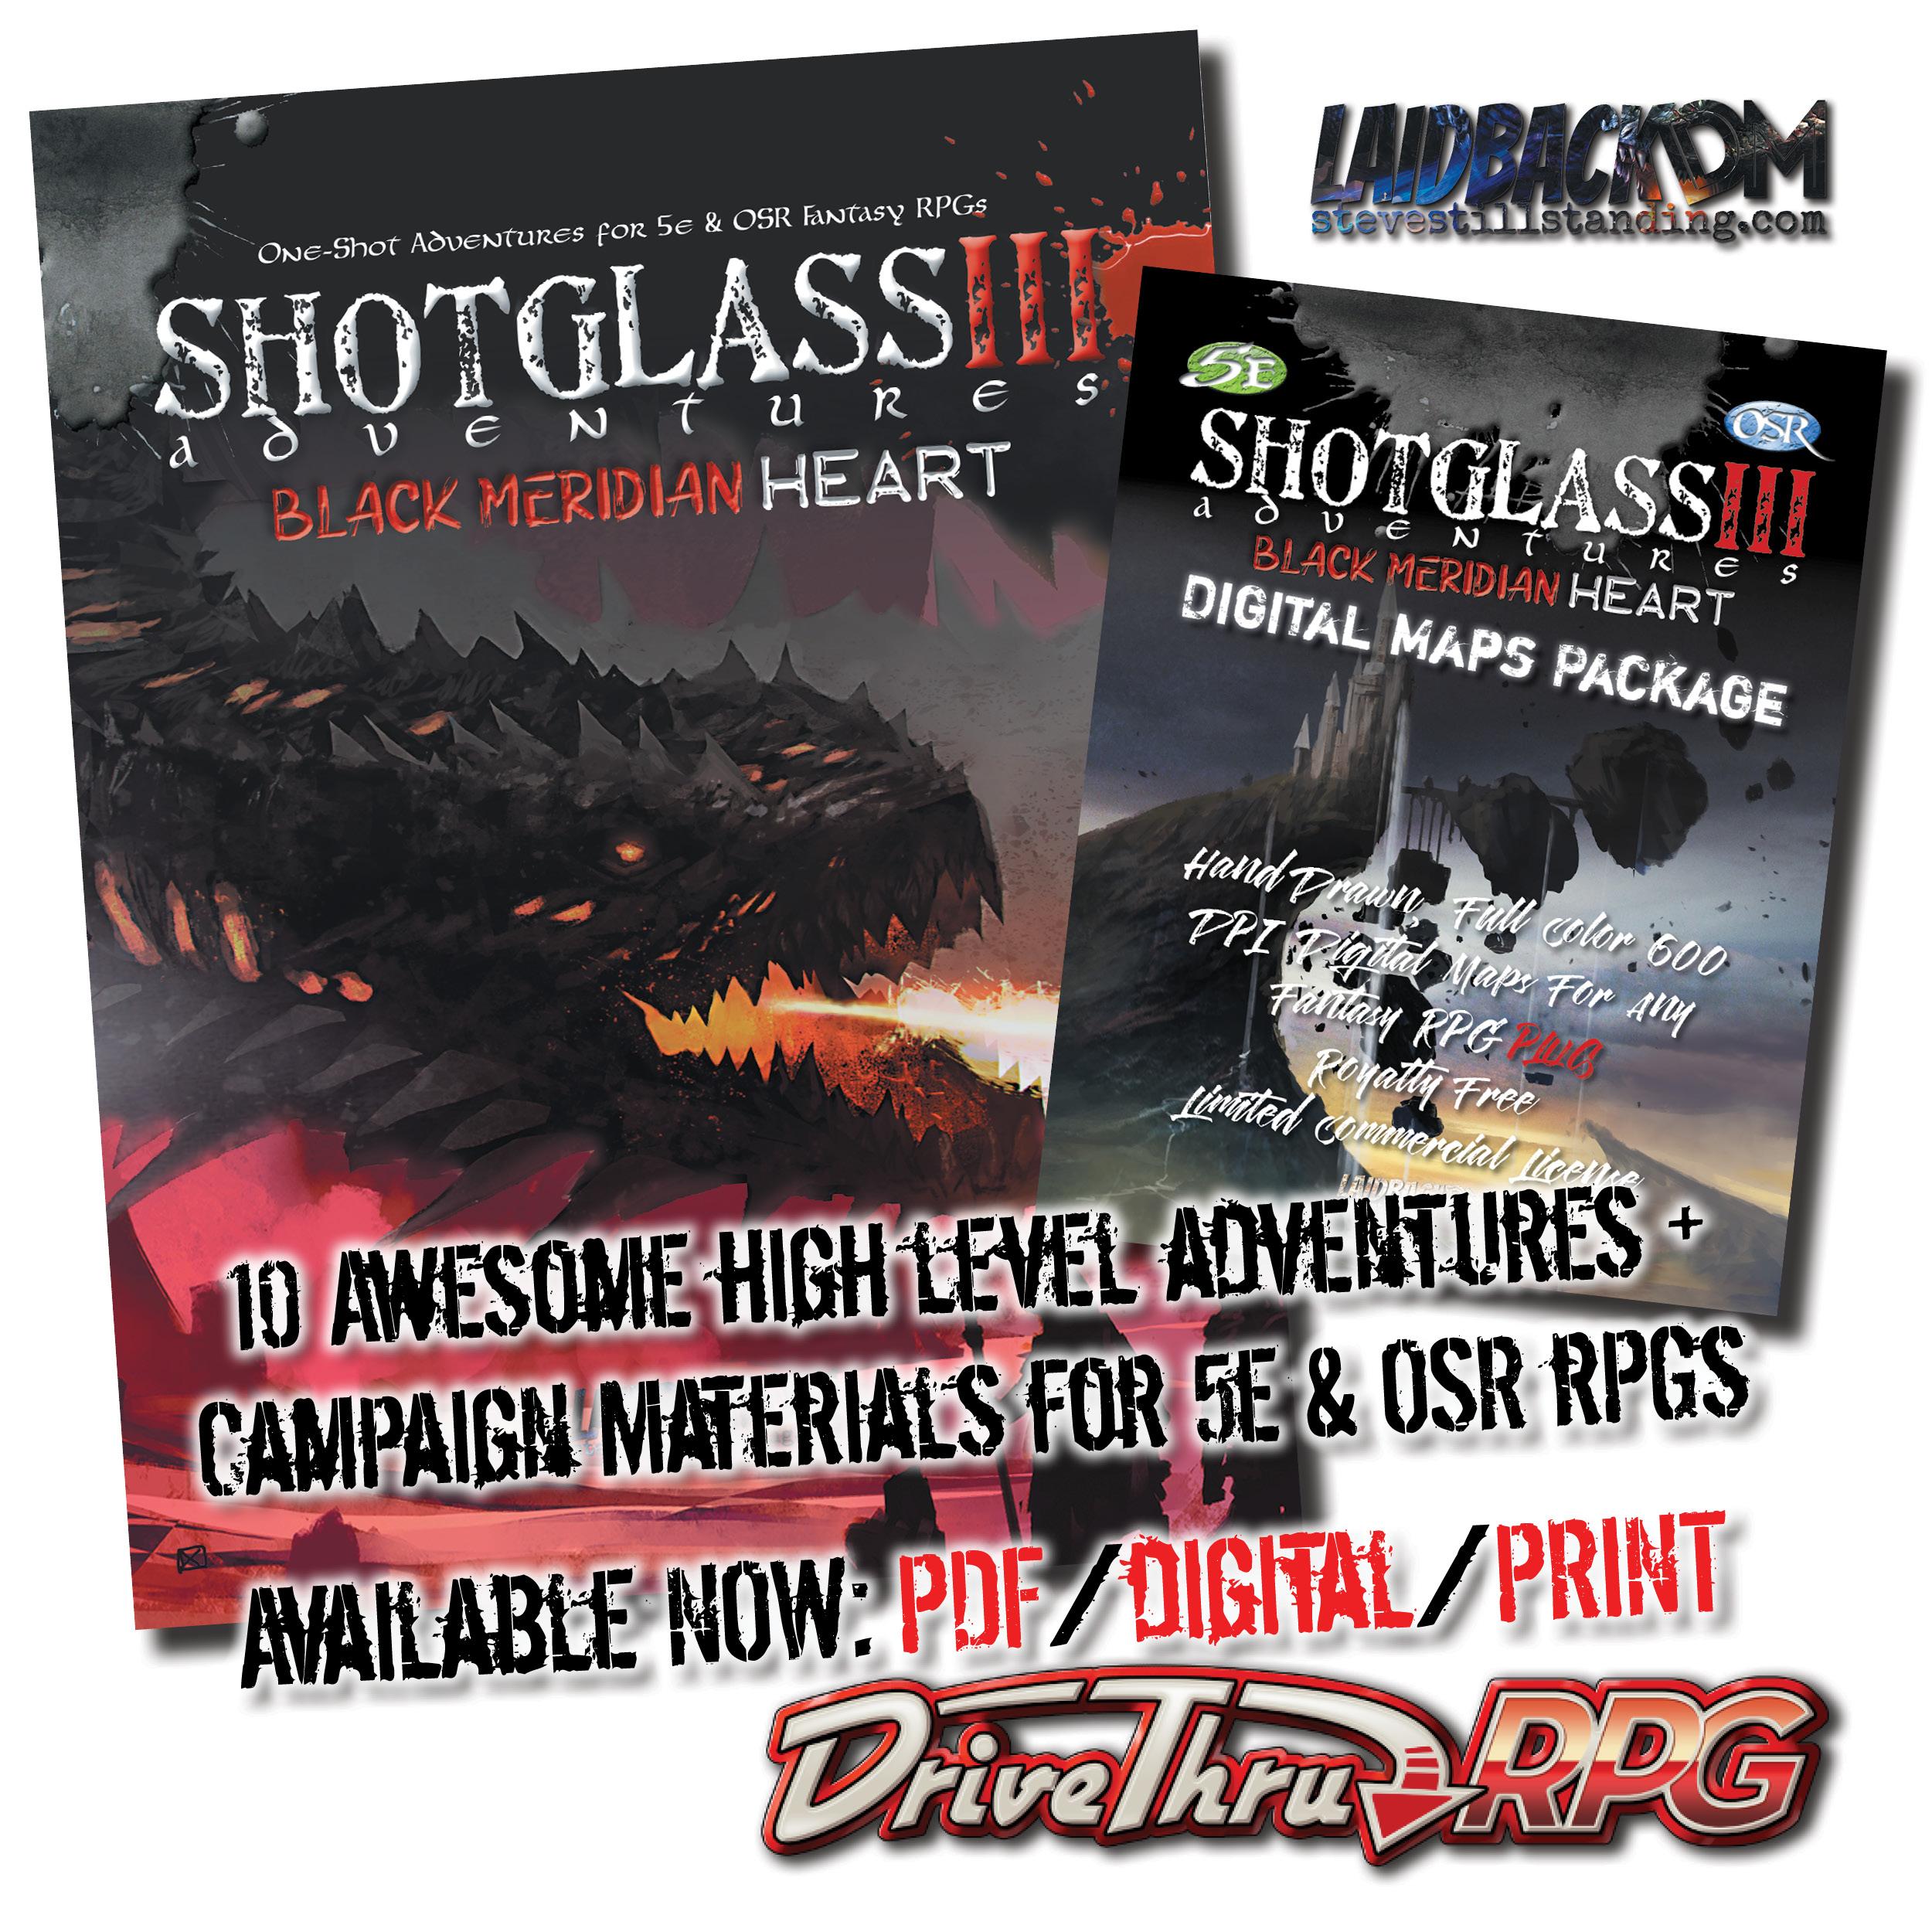 Laidback DM - Shotglass Adventures 3 - AD1